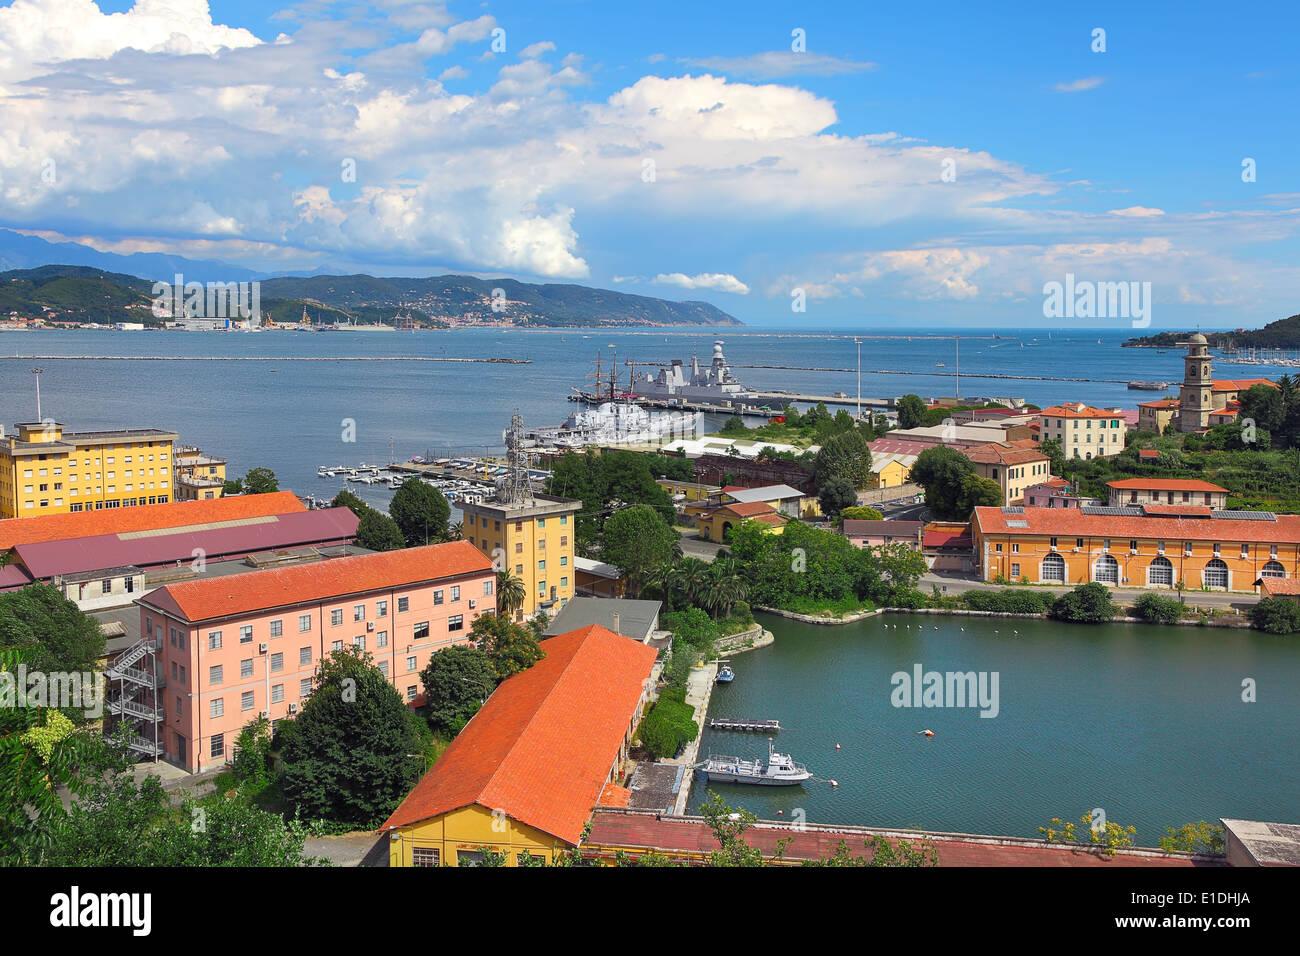 Ansicht der Marinebasis am Golf von La Spezia unter blauem Himmel mit weißen Wolken am Mittelmeer in Italien. Stockbild